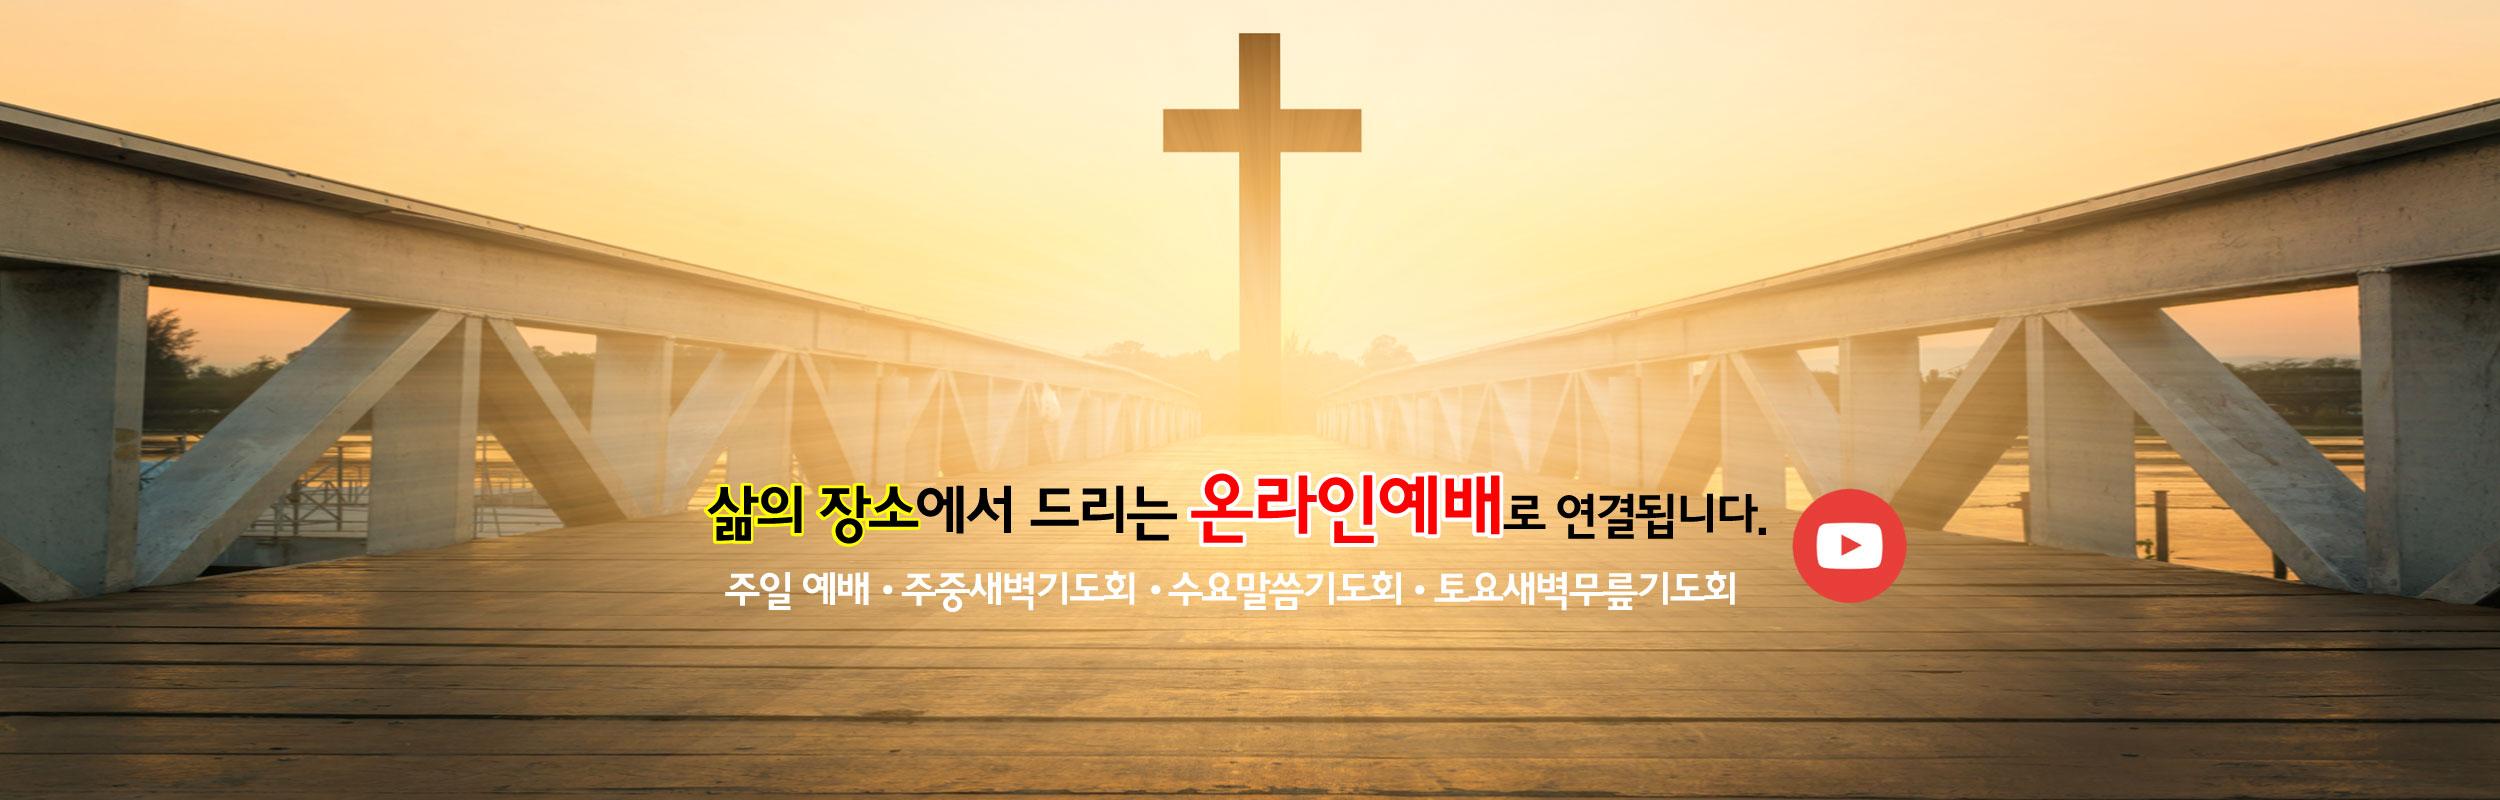 삶의 자리에서 드리는 예배